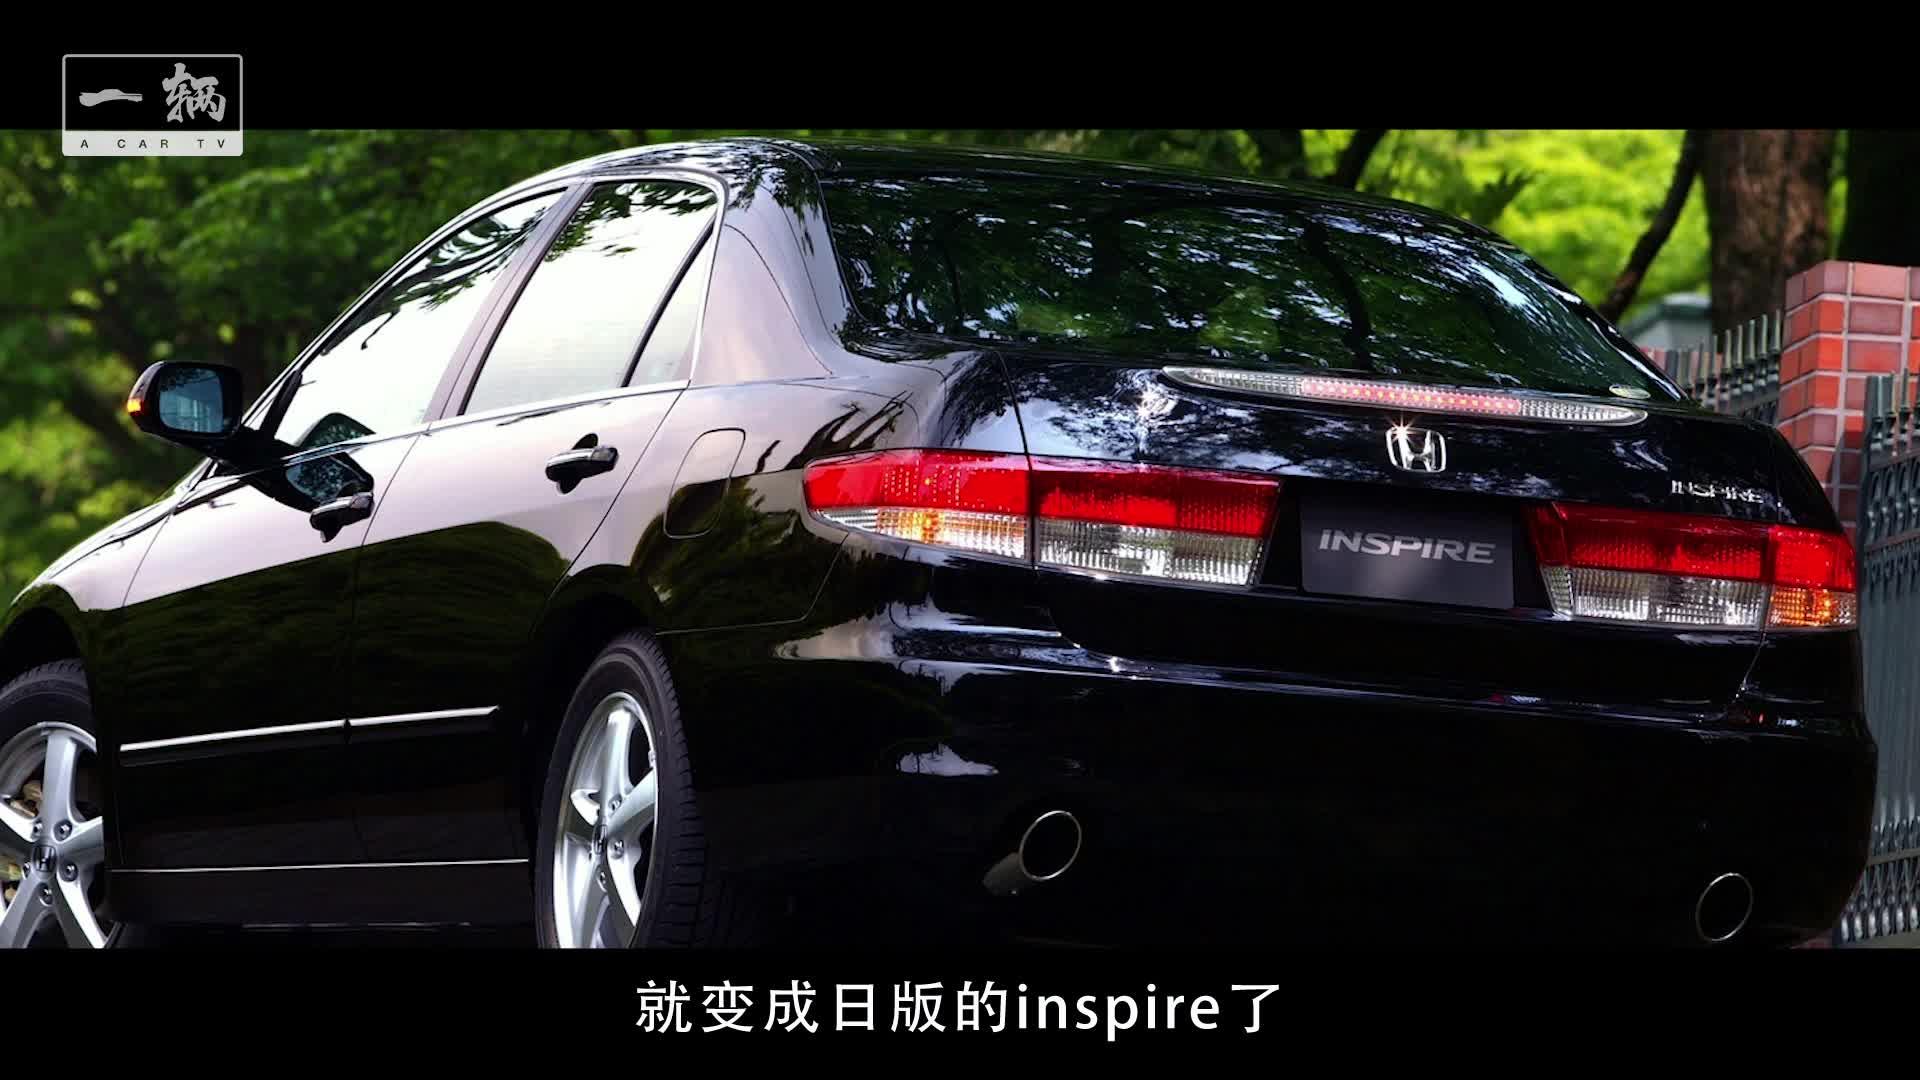 舊車|这就是那台我从广州开到吉隆坡的七代雅阁CM